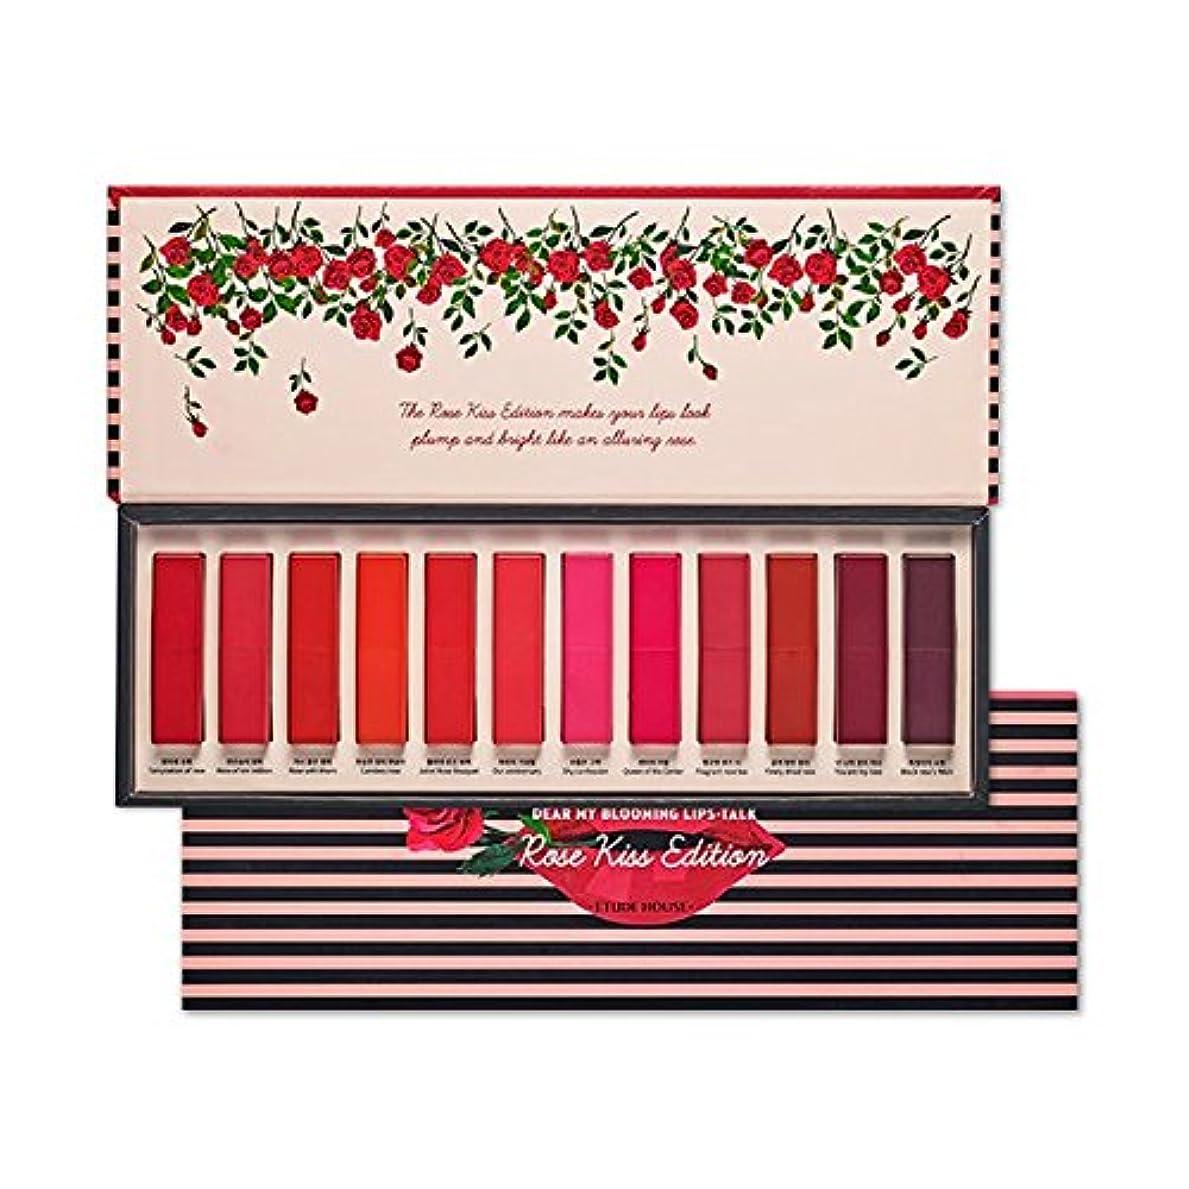 作詞家改修元気【限定版】 エチュードハウス ディアマイブルーミングリップストーク 「ローズキス エディション」/ETUDE HOUSE Dear My Blooming Lips-Talk Rose Kiss Edition 1.5g*12EA [並行輸入品]